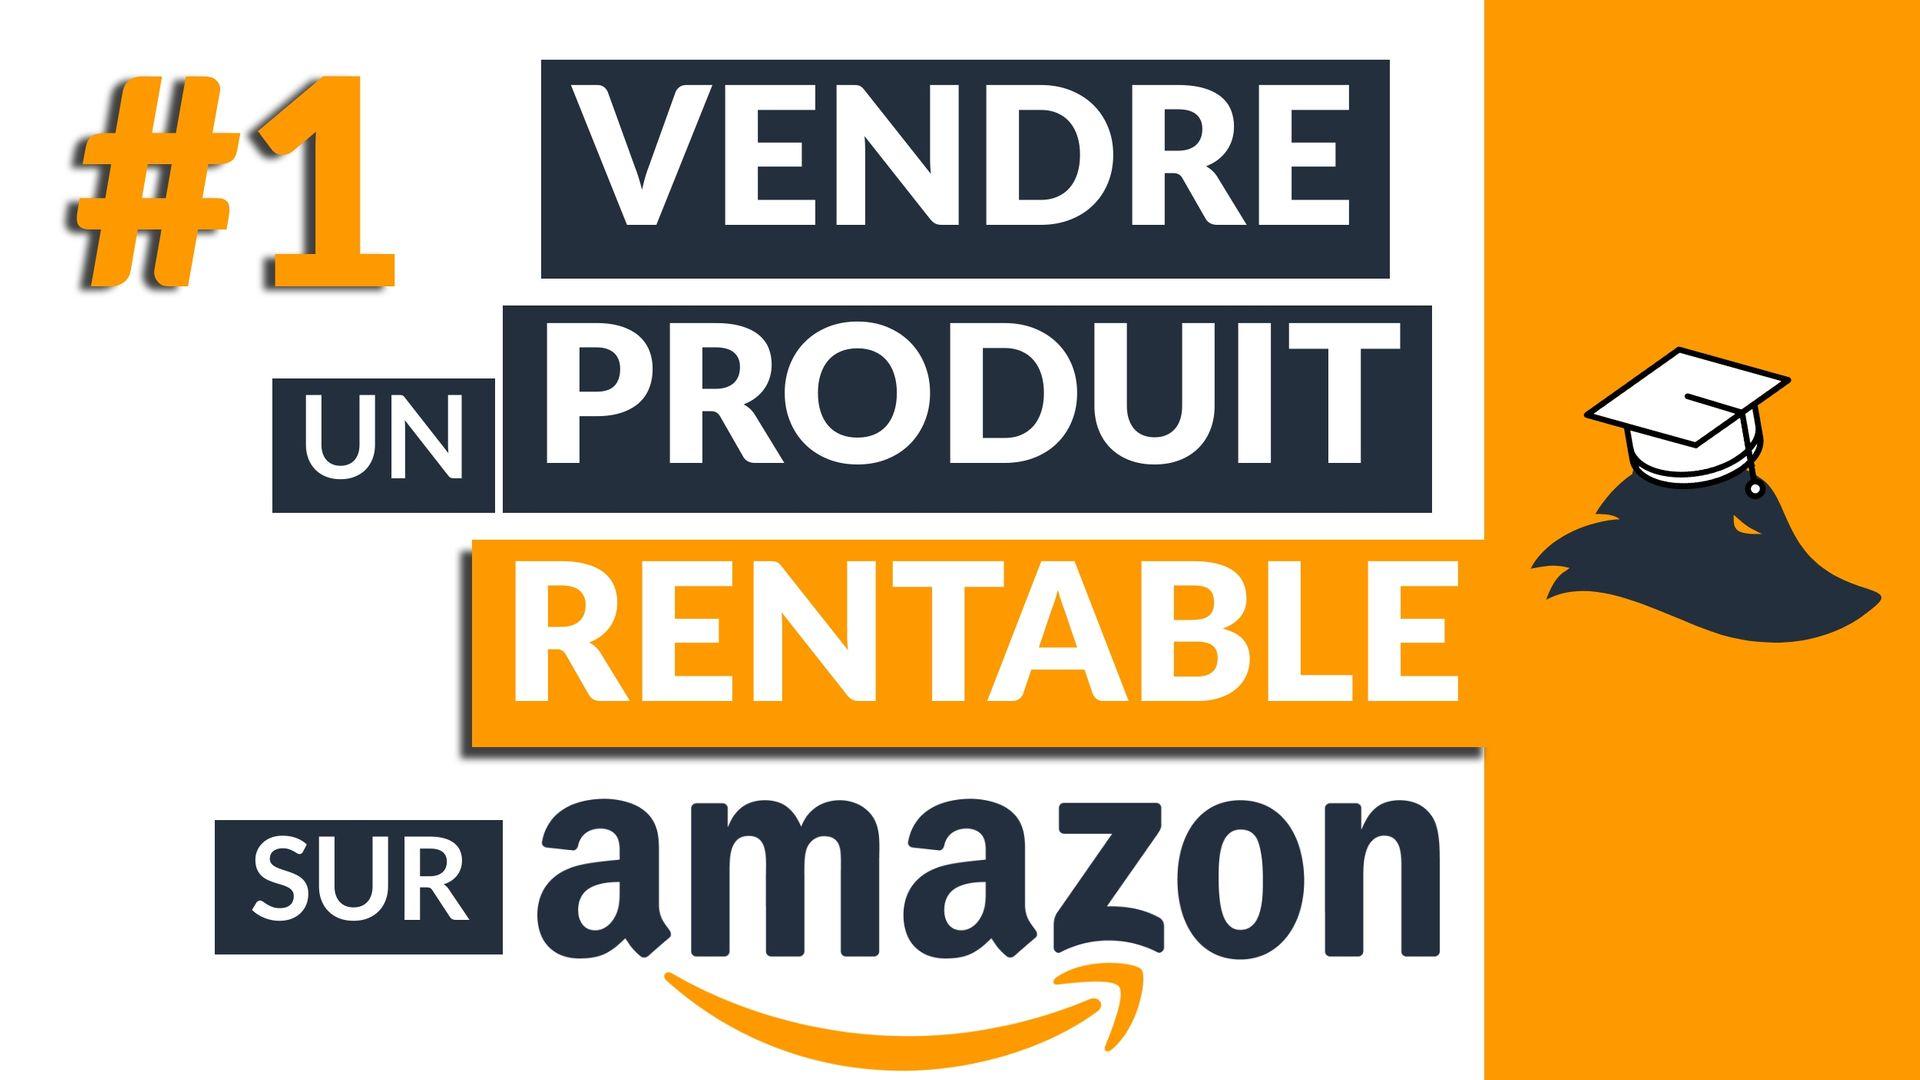 Trouver un produit rentable à vendre sur Amazon